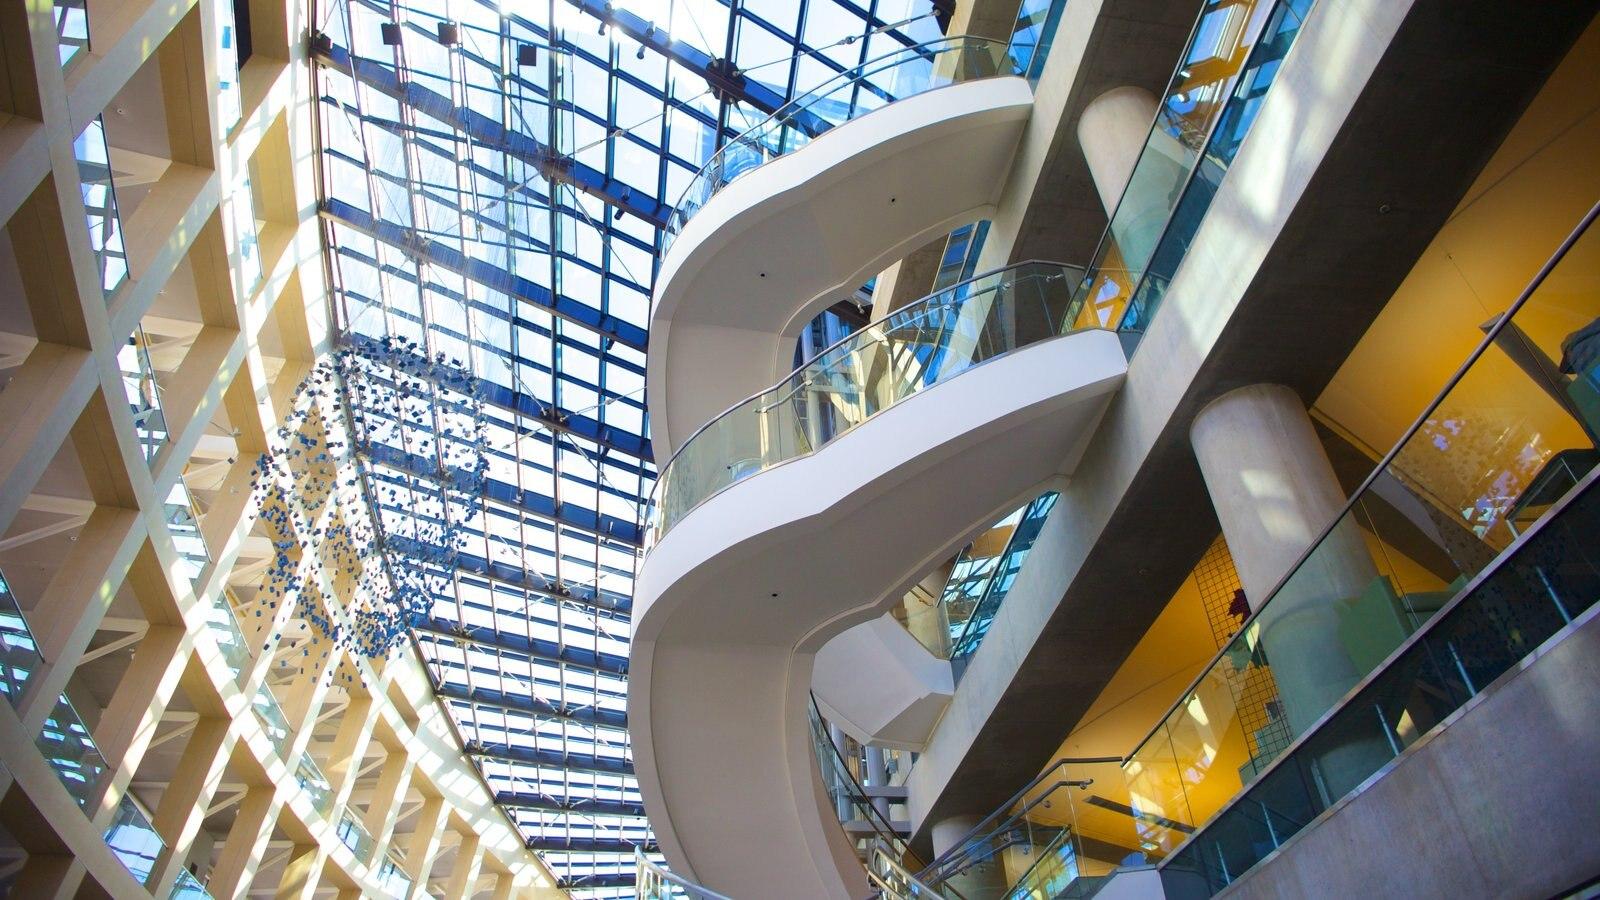 Salt Lake City ofreciendo arquitectura moderna y vistas interiores